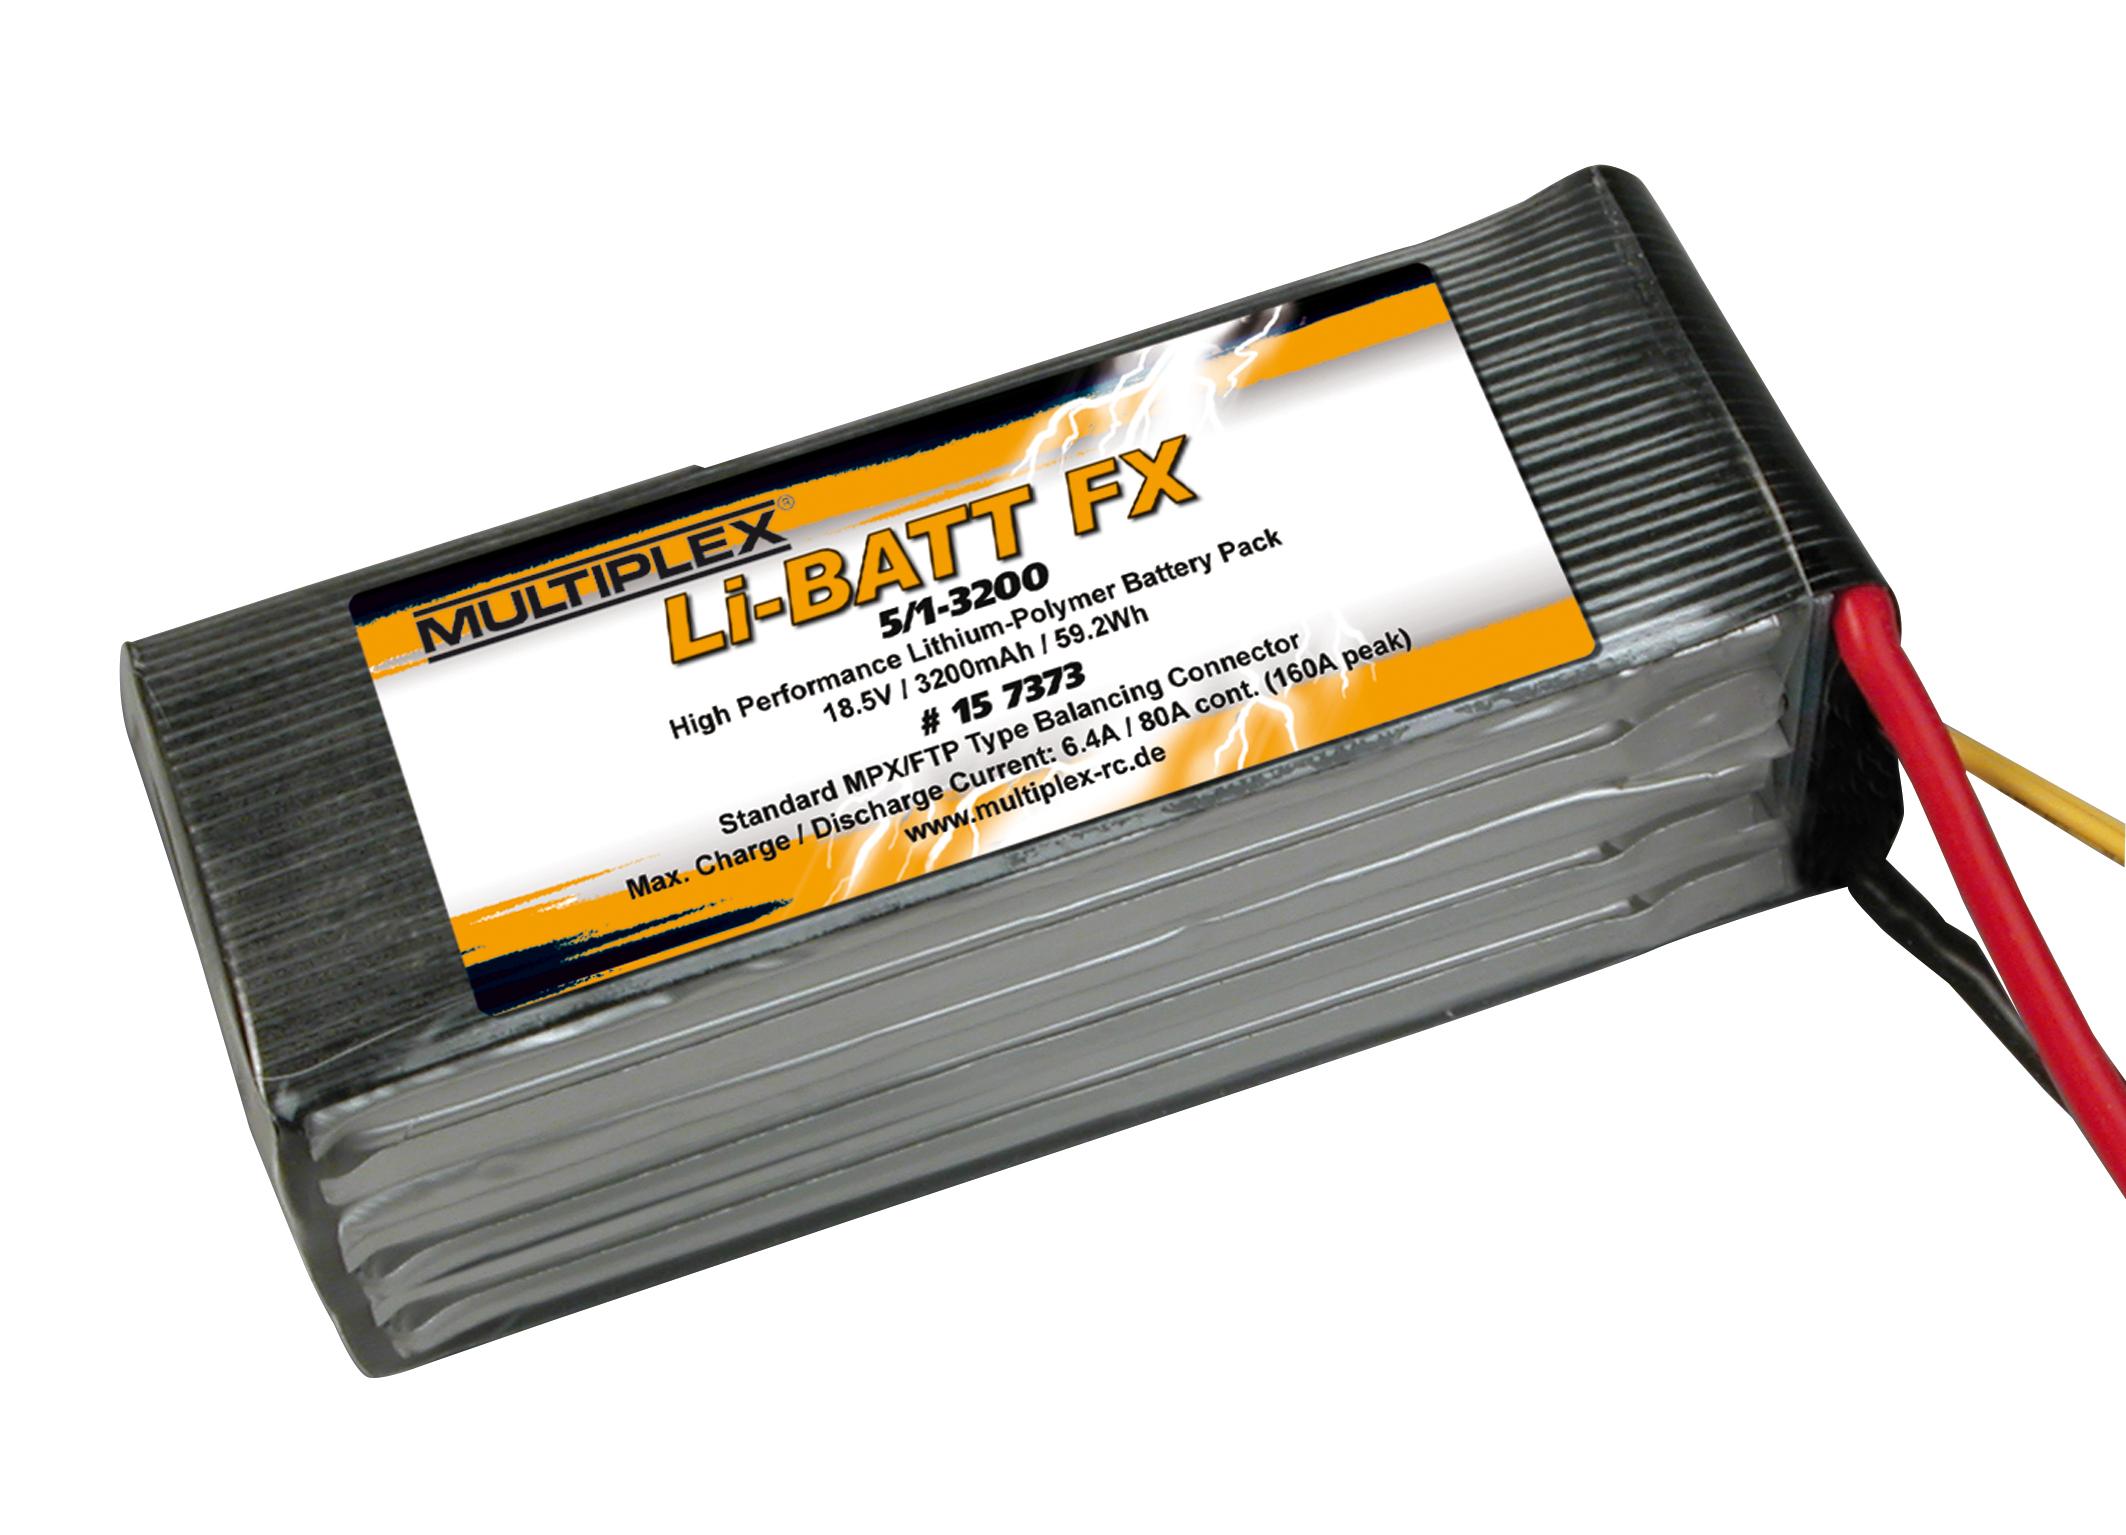 Akku Li-Batt FX 5/1-3200 (M6)